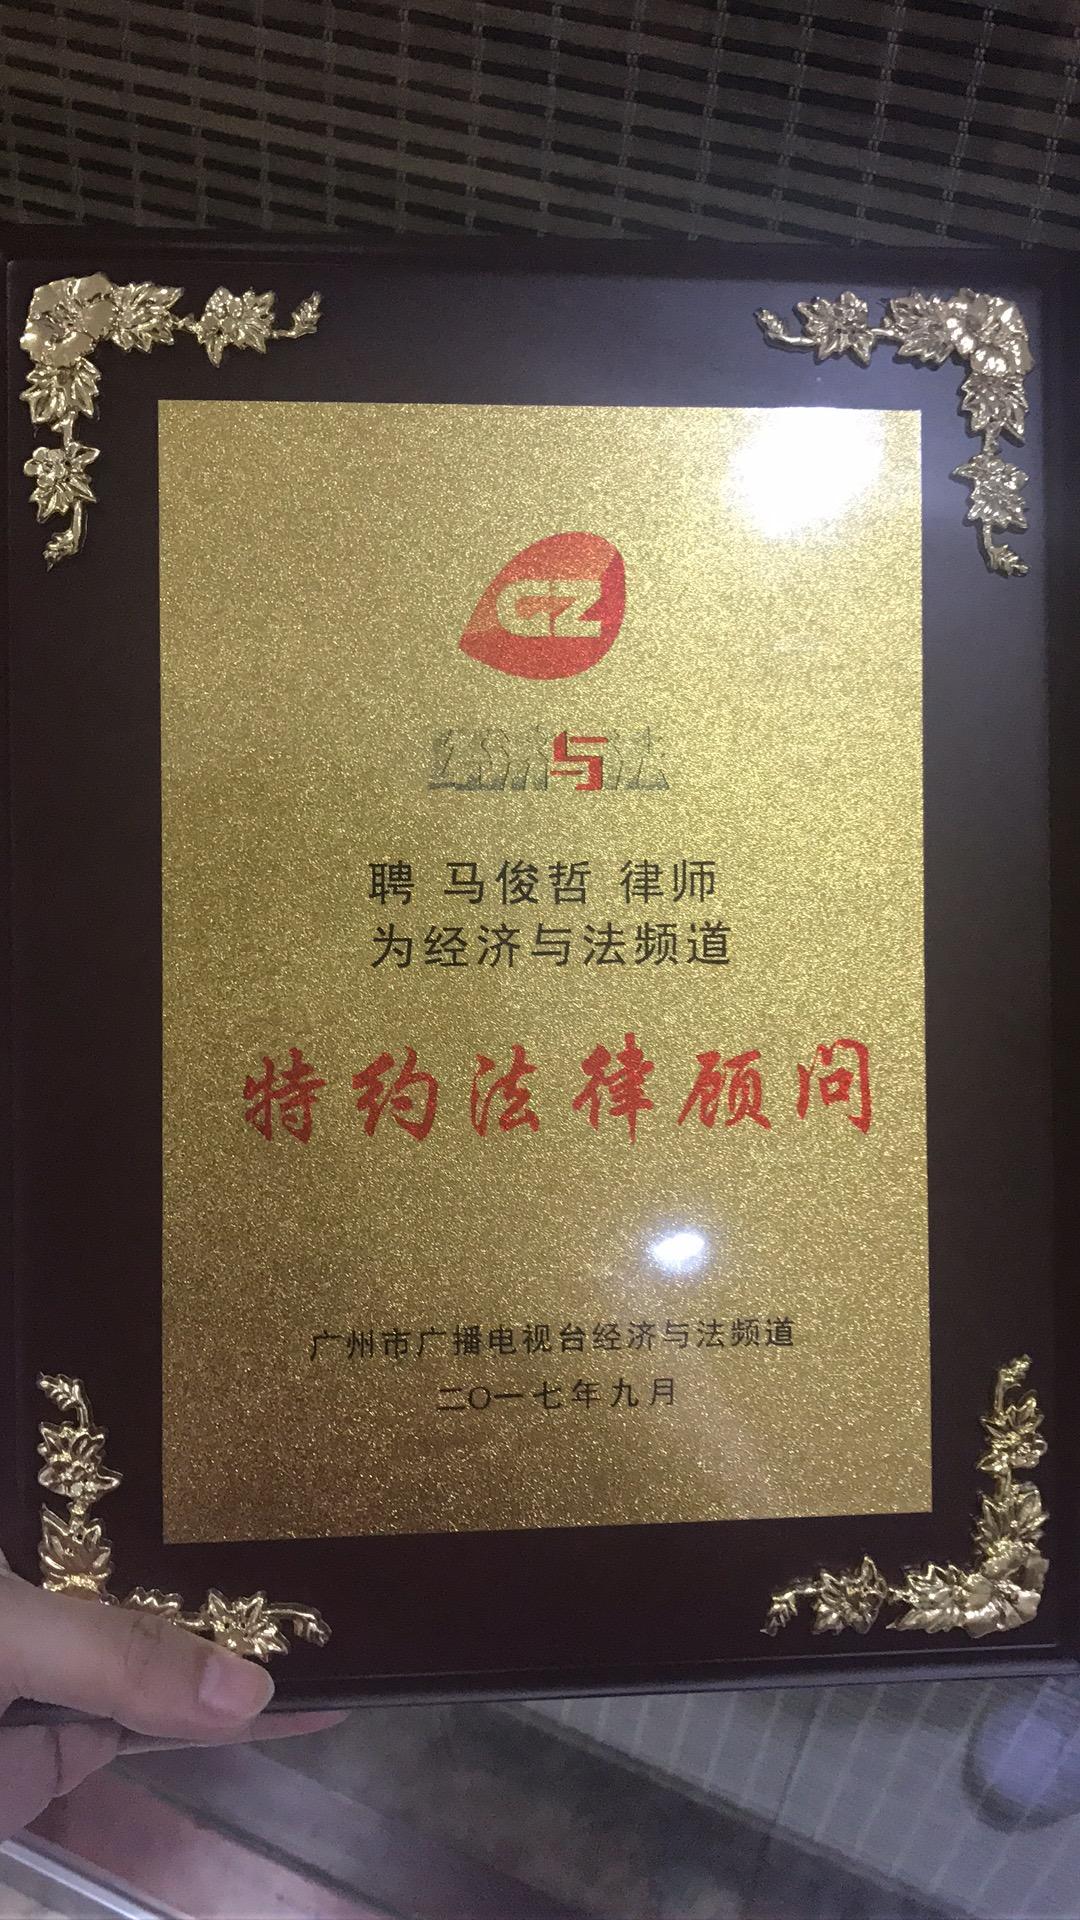 马俊哲律师担任电视台频道法律顾问